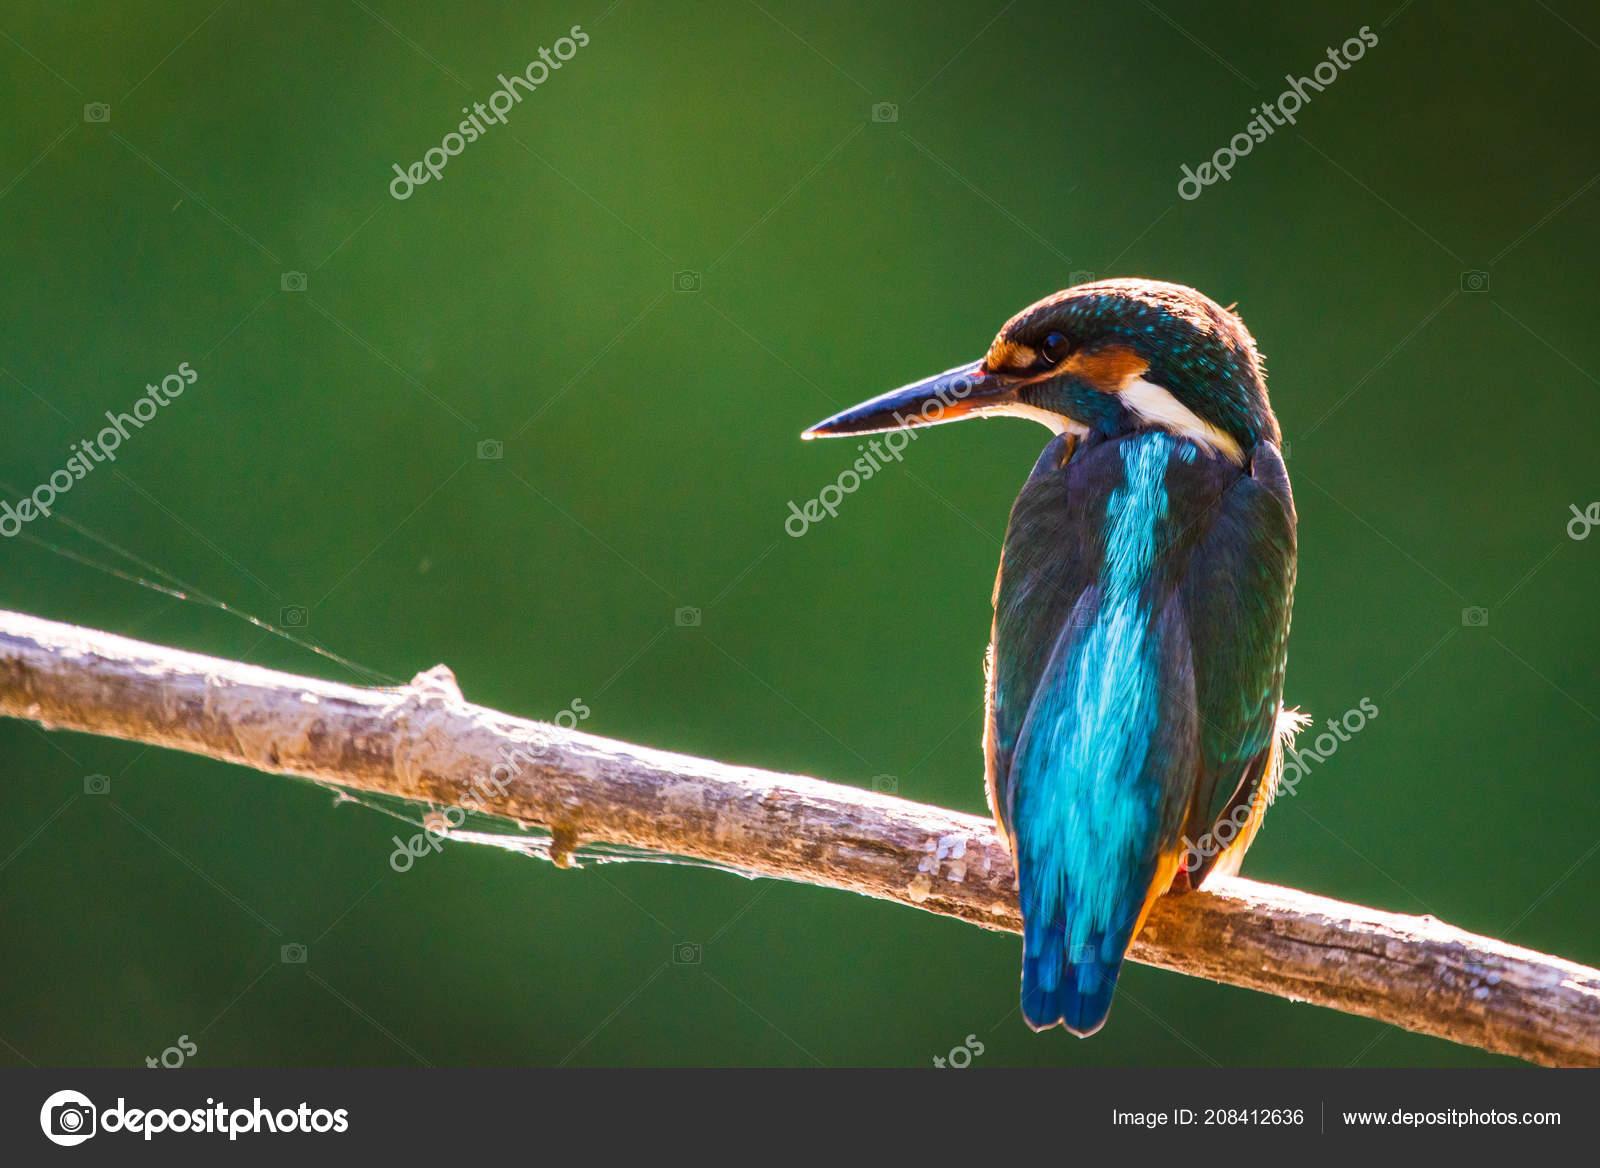 Ποτάμι μεγάλο πουλί